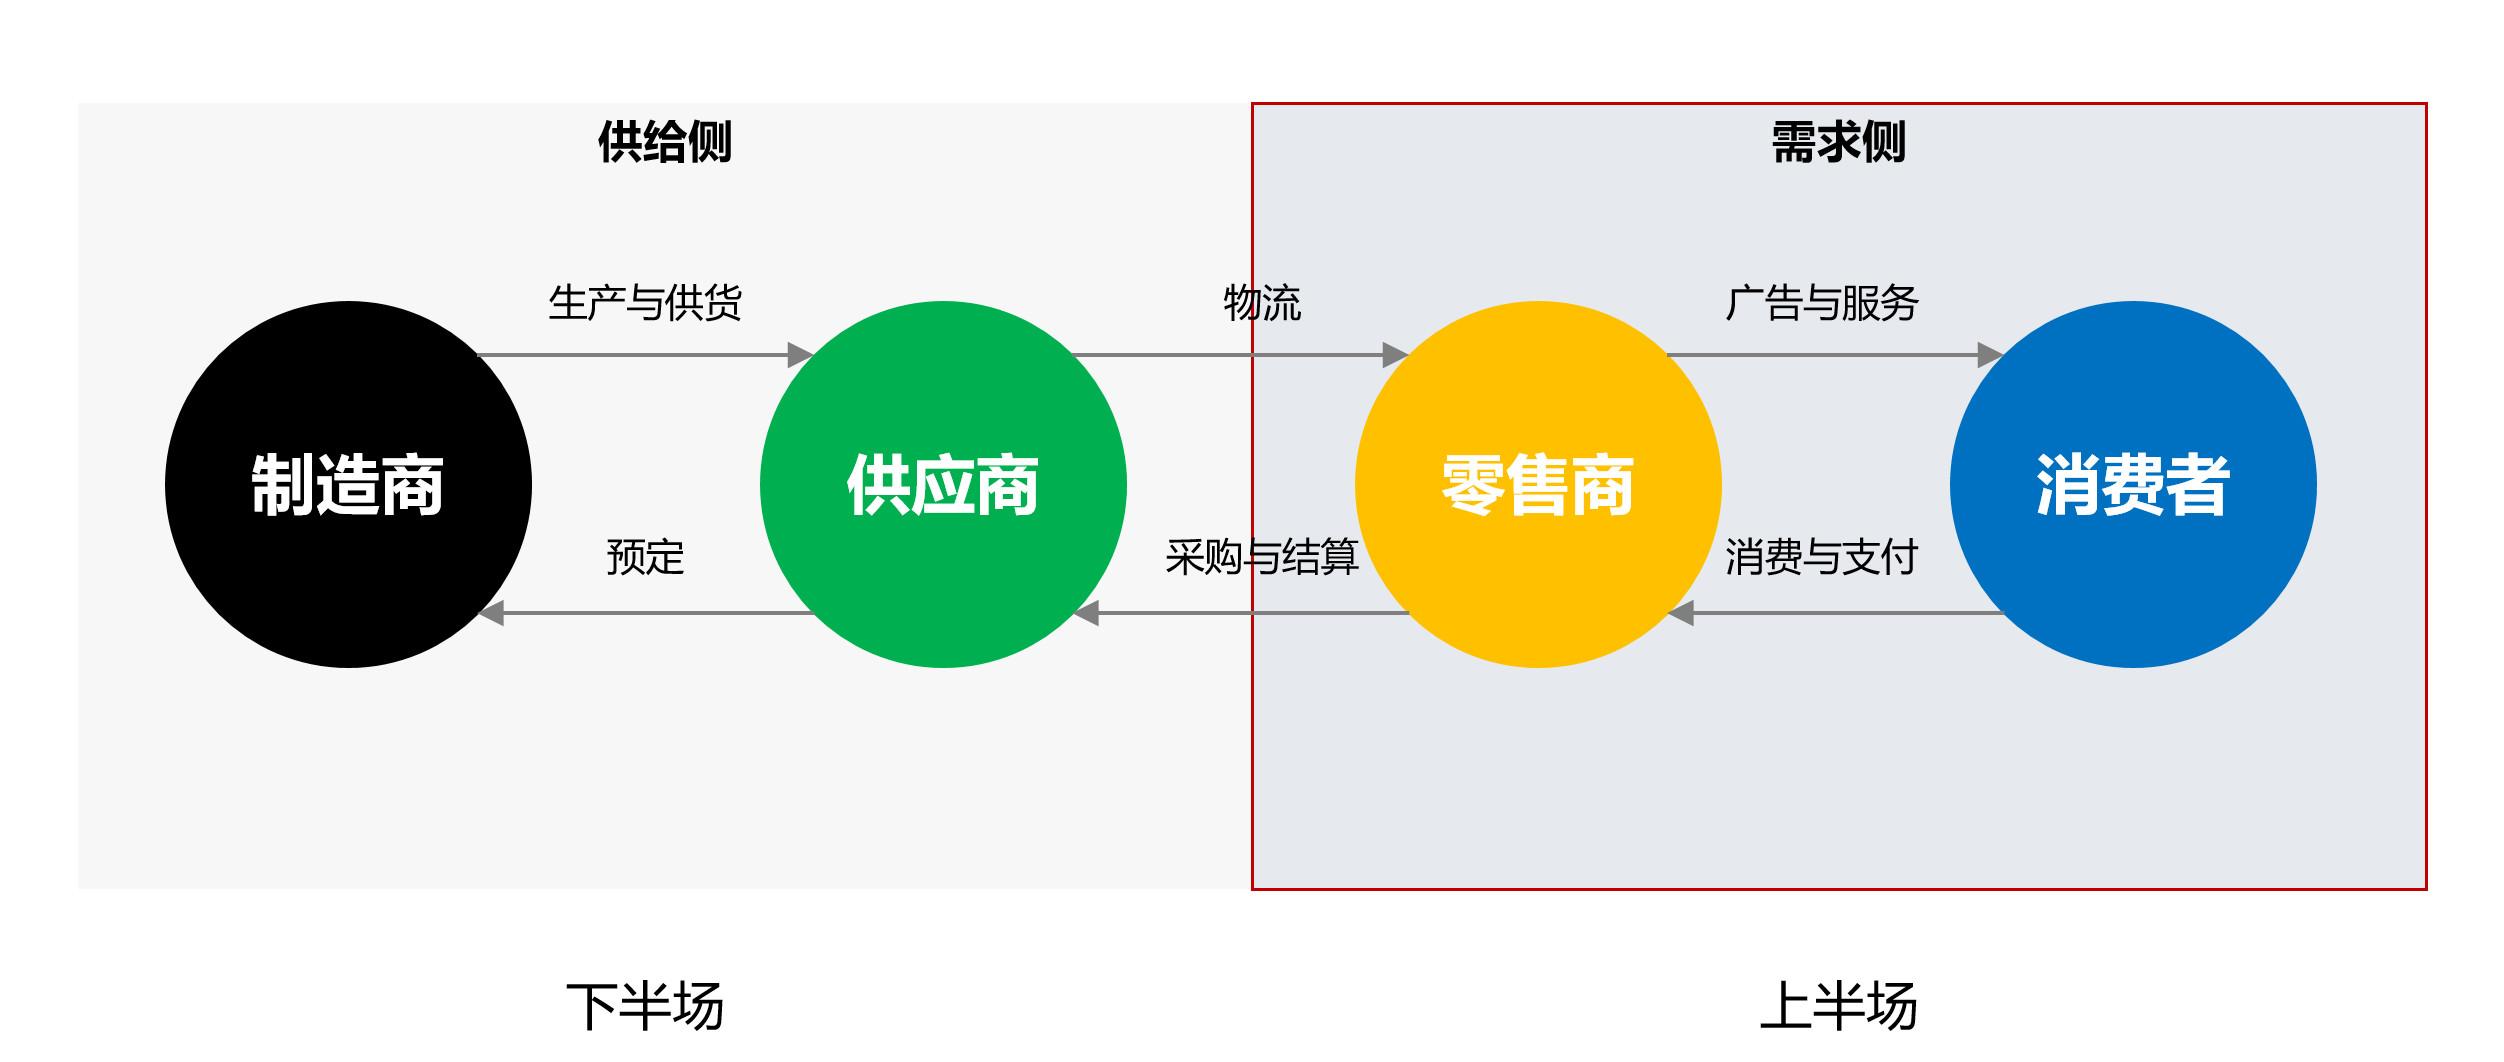 图02:角色简单、壁垒低、政策限制少 来源:李有龙《保险业生态战略系列培训课程》